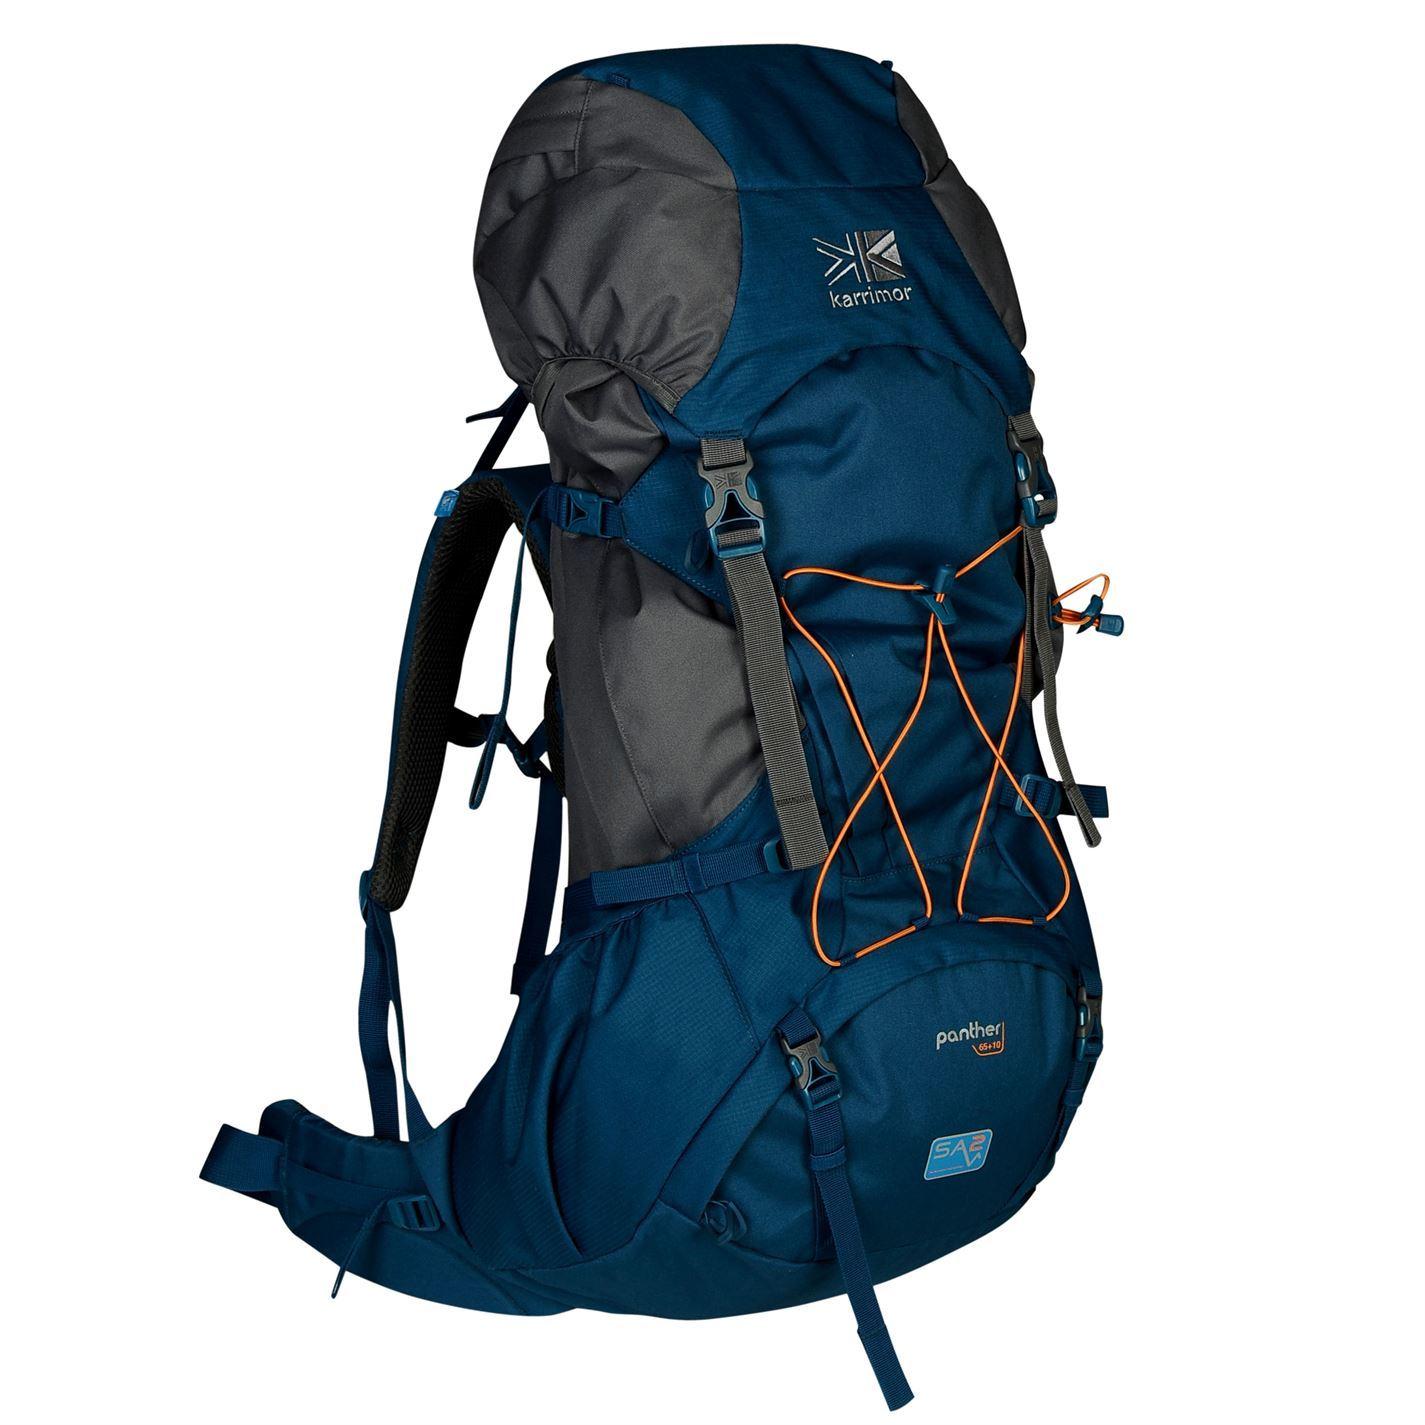 e3f8cef765 Karrimor Panther 65 Litre Rucksack Blu Gr Outdoors Bag Backpack Knapsack  Holdall